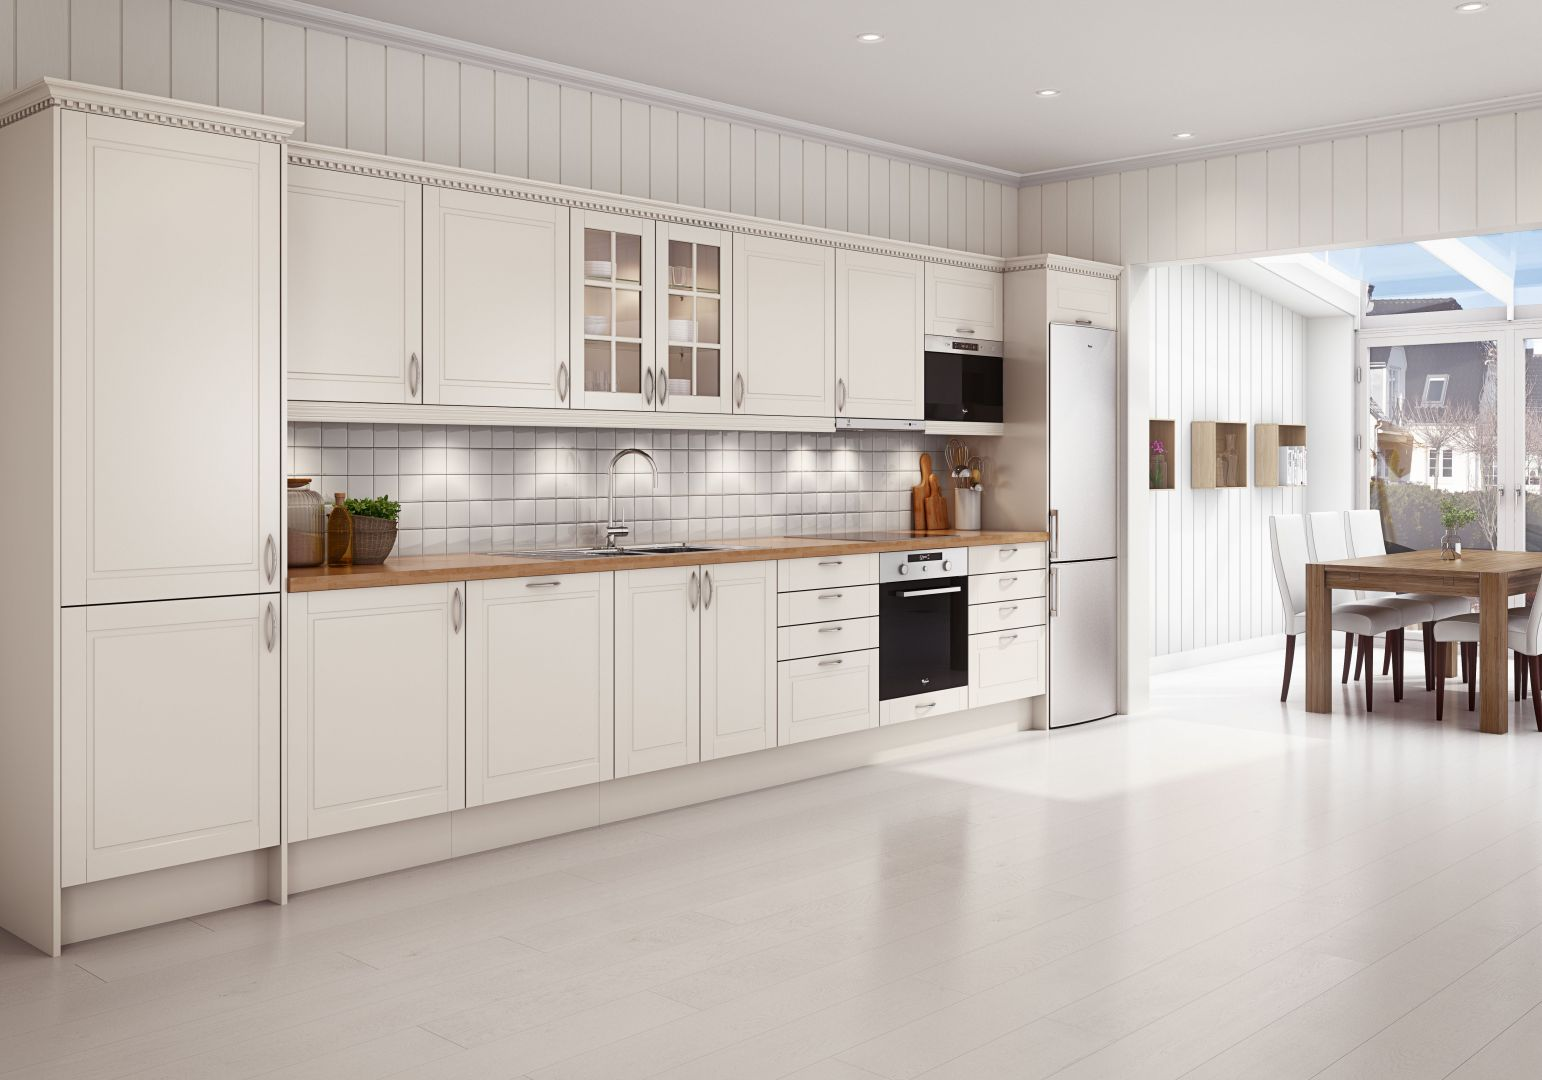 Zabudowa jednorzędowa to propozycja doskonała do małych mieszkań lub kuchni otwartych na salon. Warto jednak pamiętać, aby aranżacja korespondowała z wystrojem salonu. Na zdjęciu kuchnia Bello. Fot. Sigdal